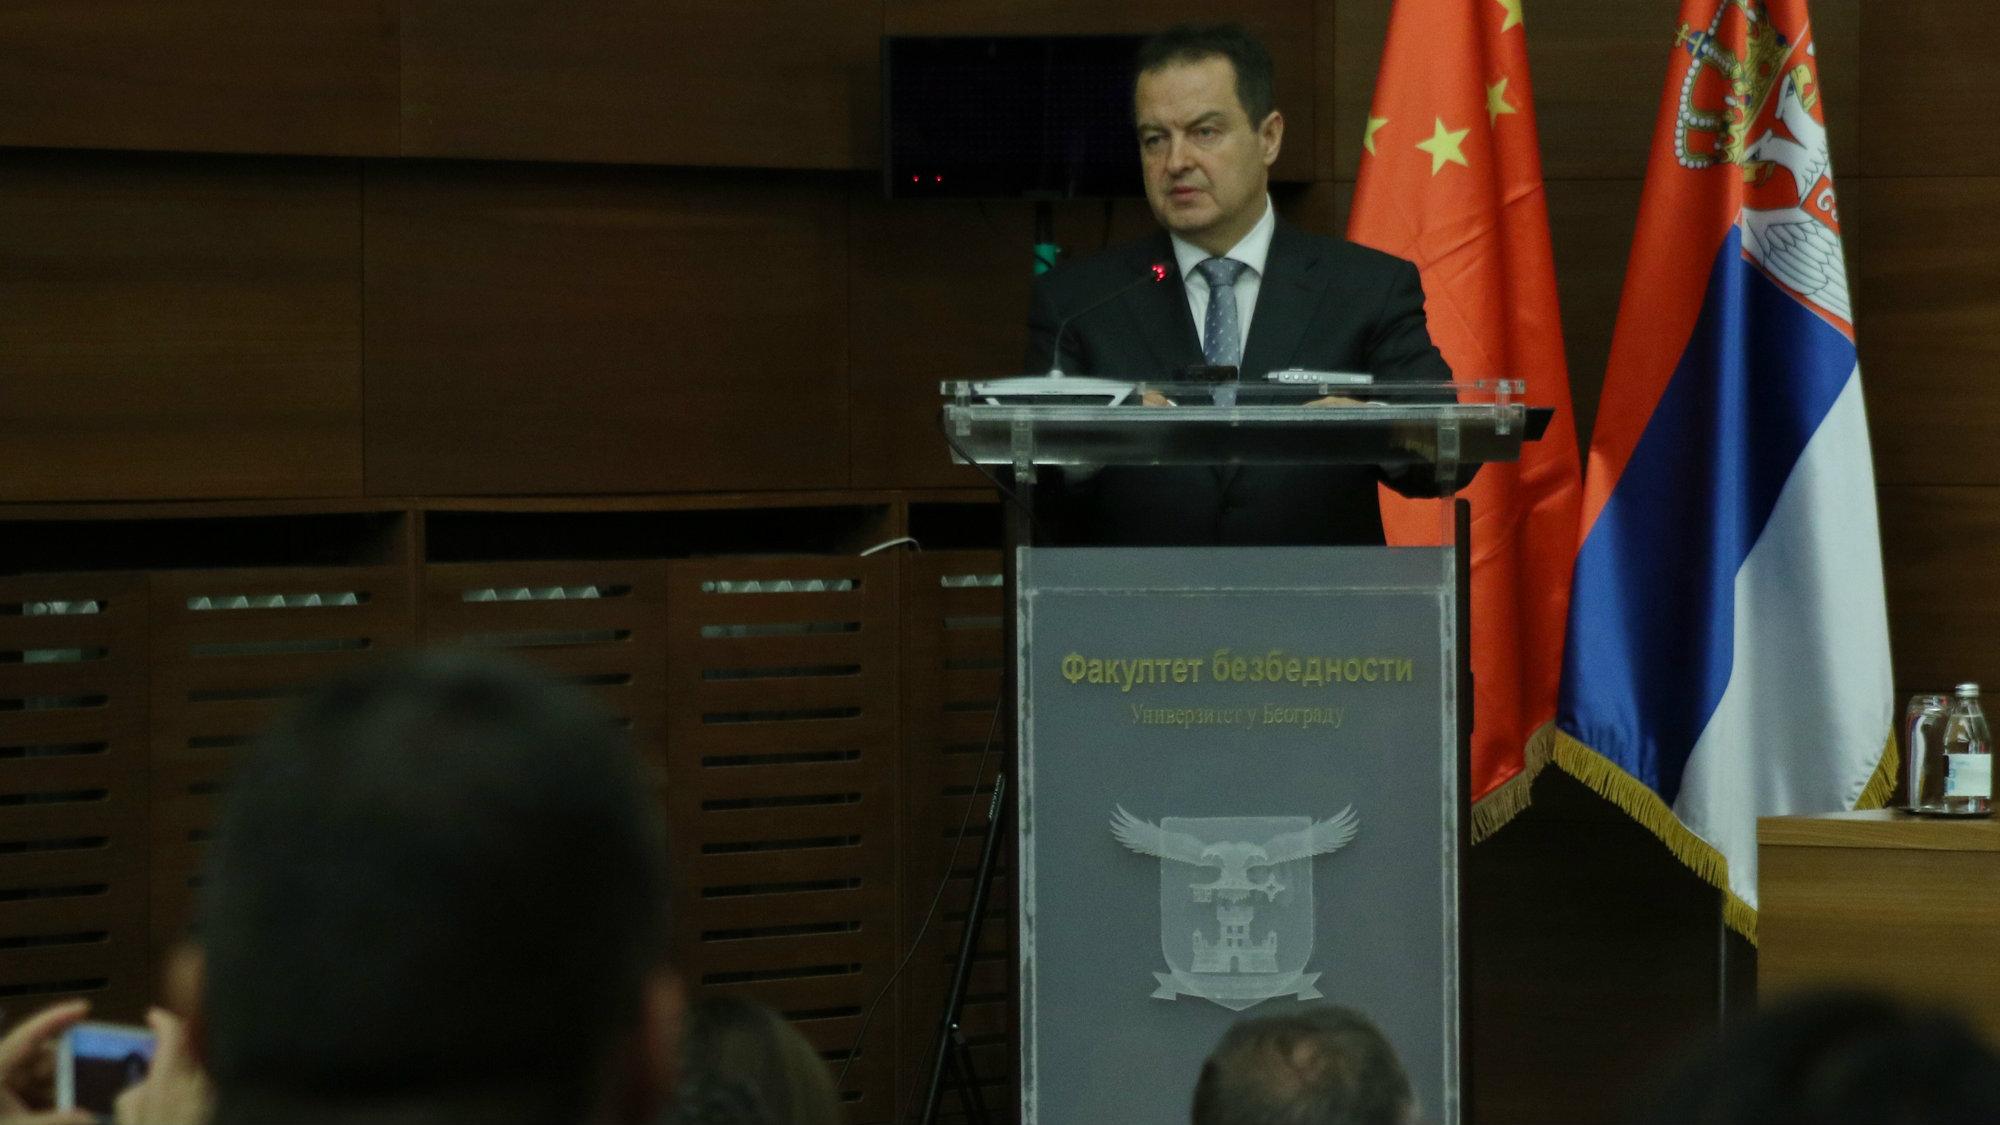 Dačić: Srbja pridaje veliki značaj saradnji sa Kinom i inicijativi Pojas i put 1